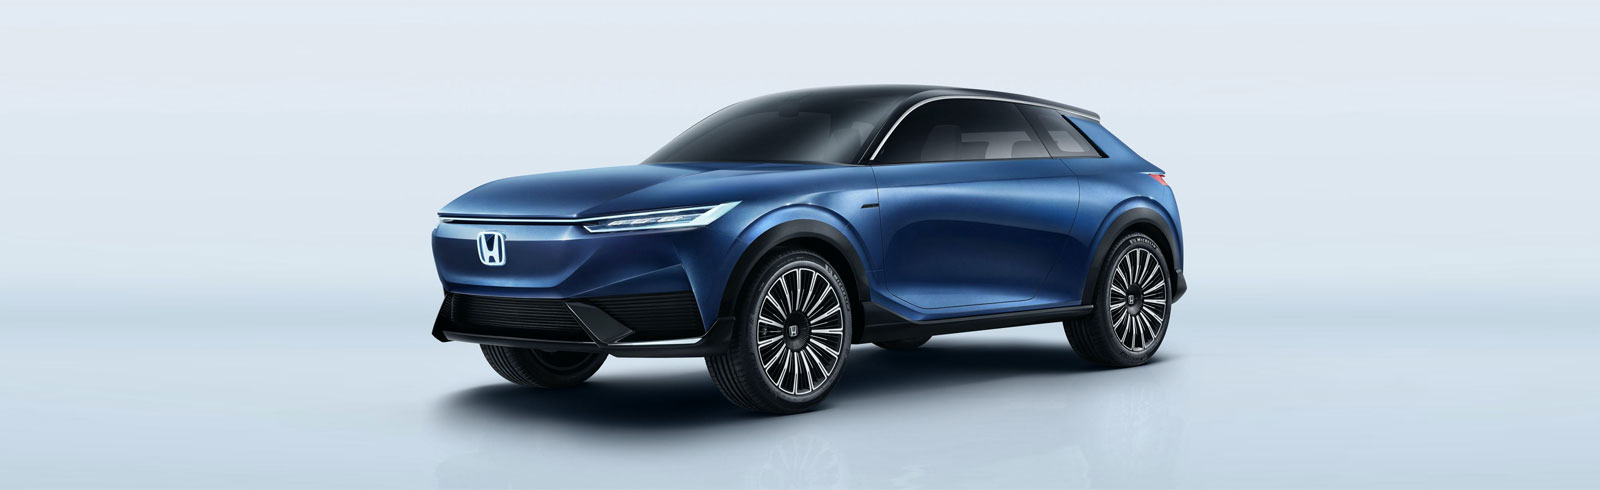 Honda SUV e:concept unveiled at the 2020 Beijing Auto Show